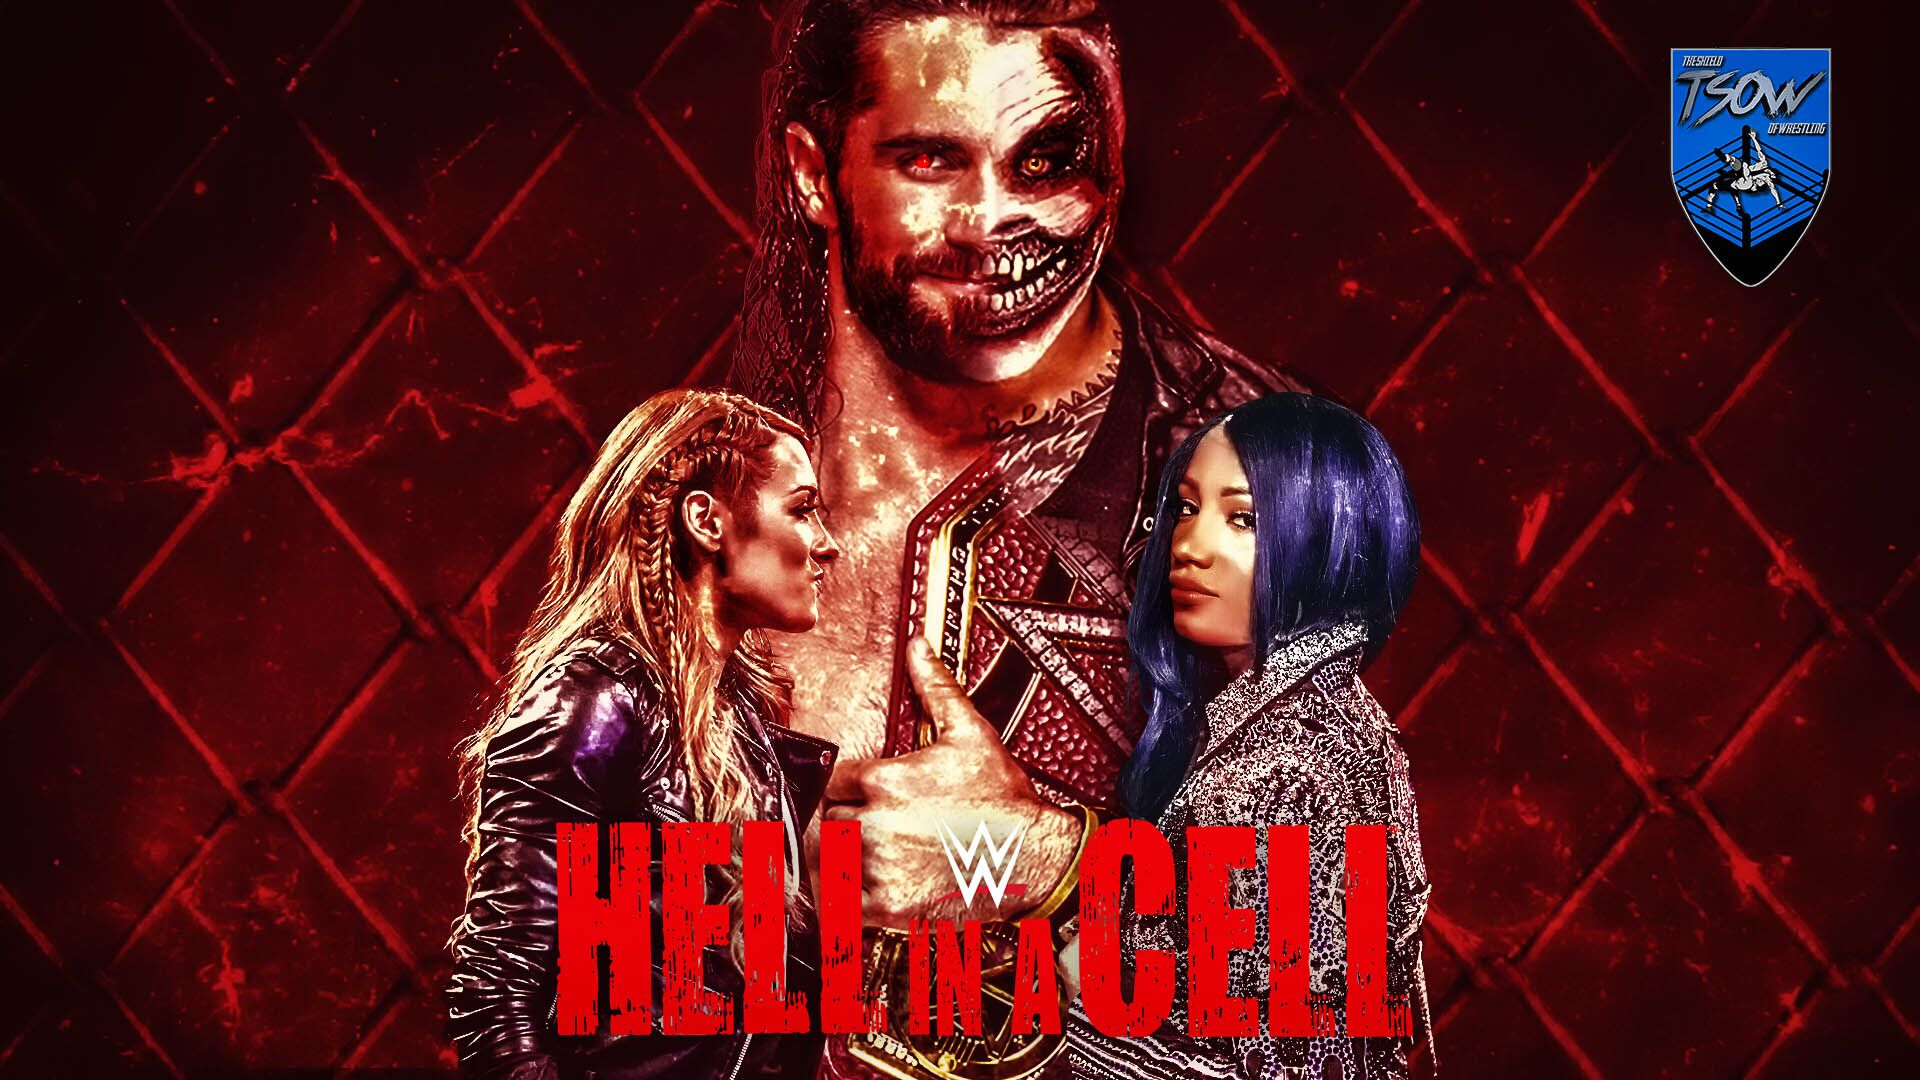 Seth Rollins vs The Fiend criticato